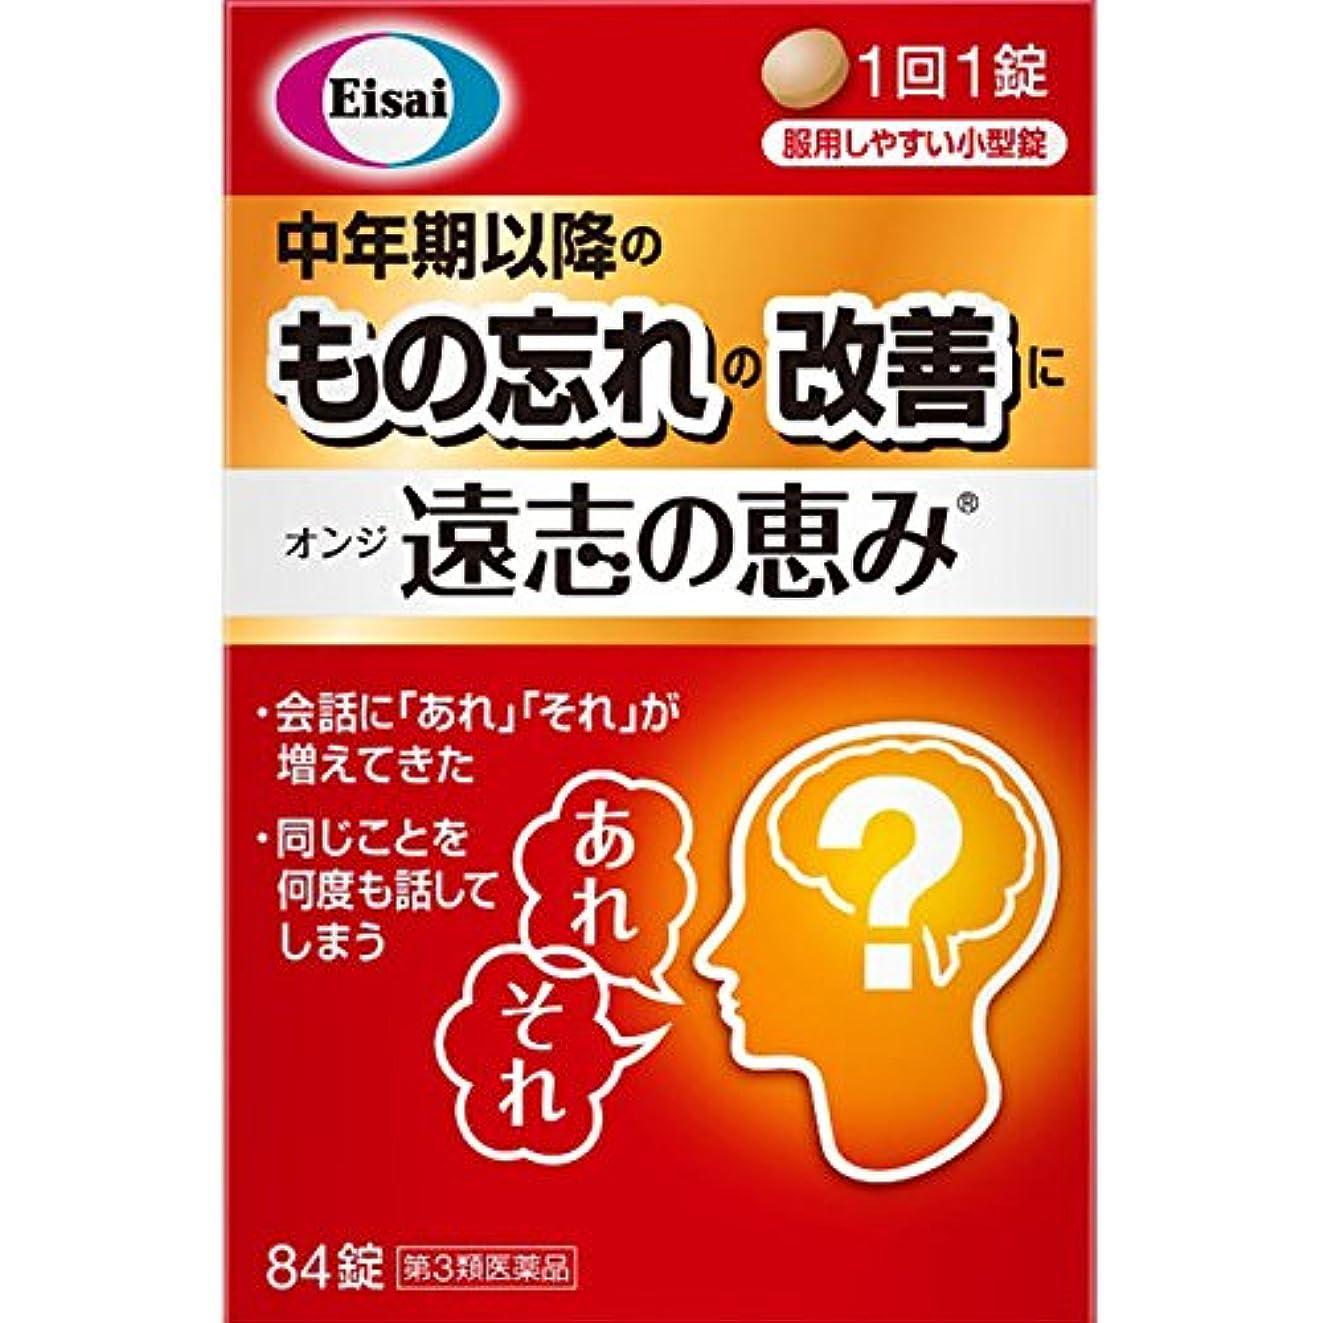 ボタン宙返り粗い【第3類医薬品】遠志の恵み 84錠 ×3